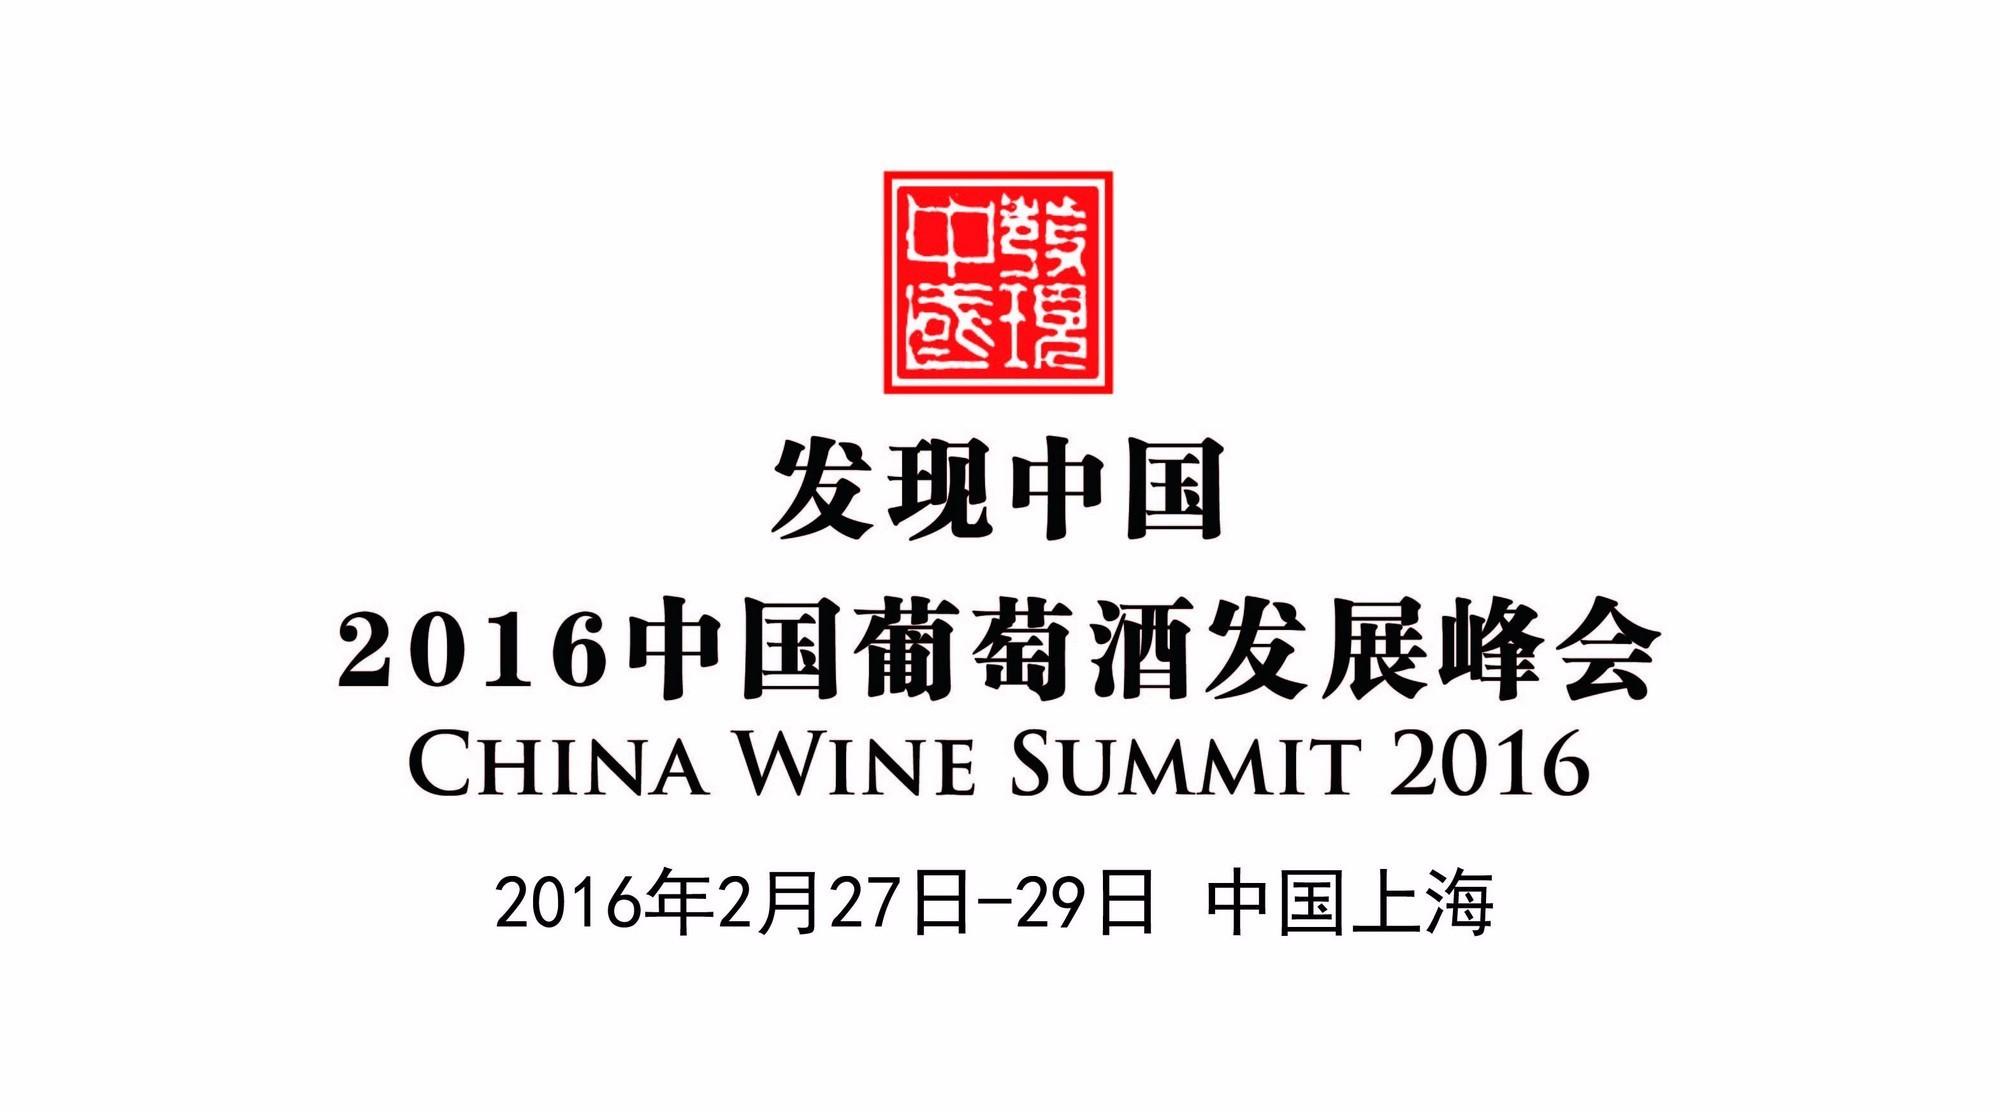 2016中国葡萄酒发展峰会参会指南